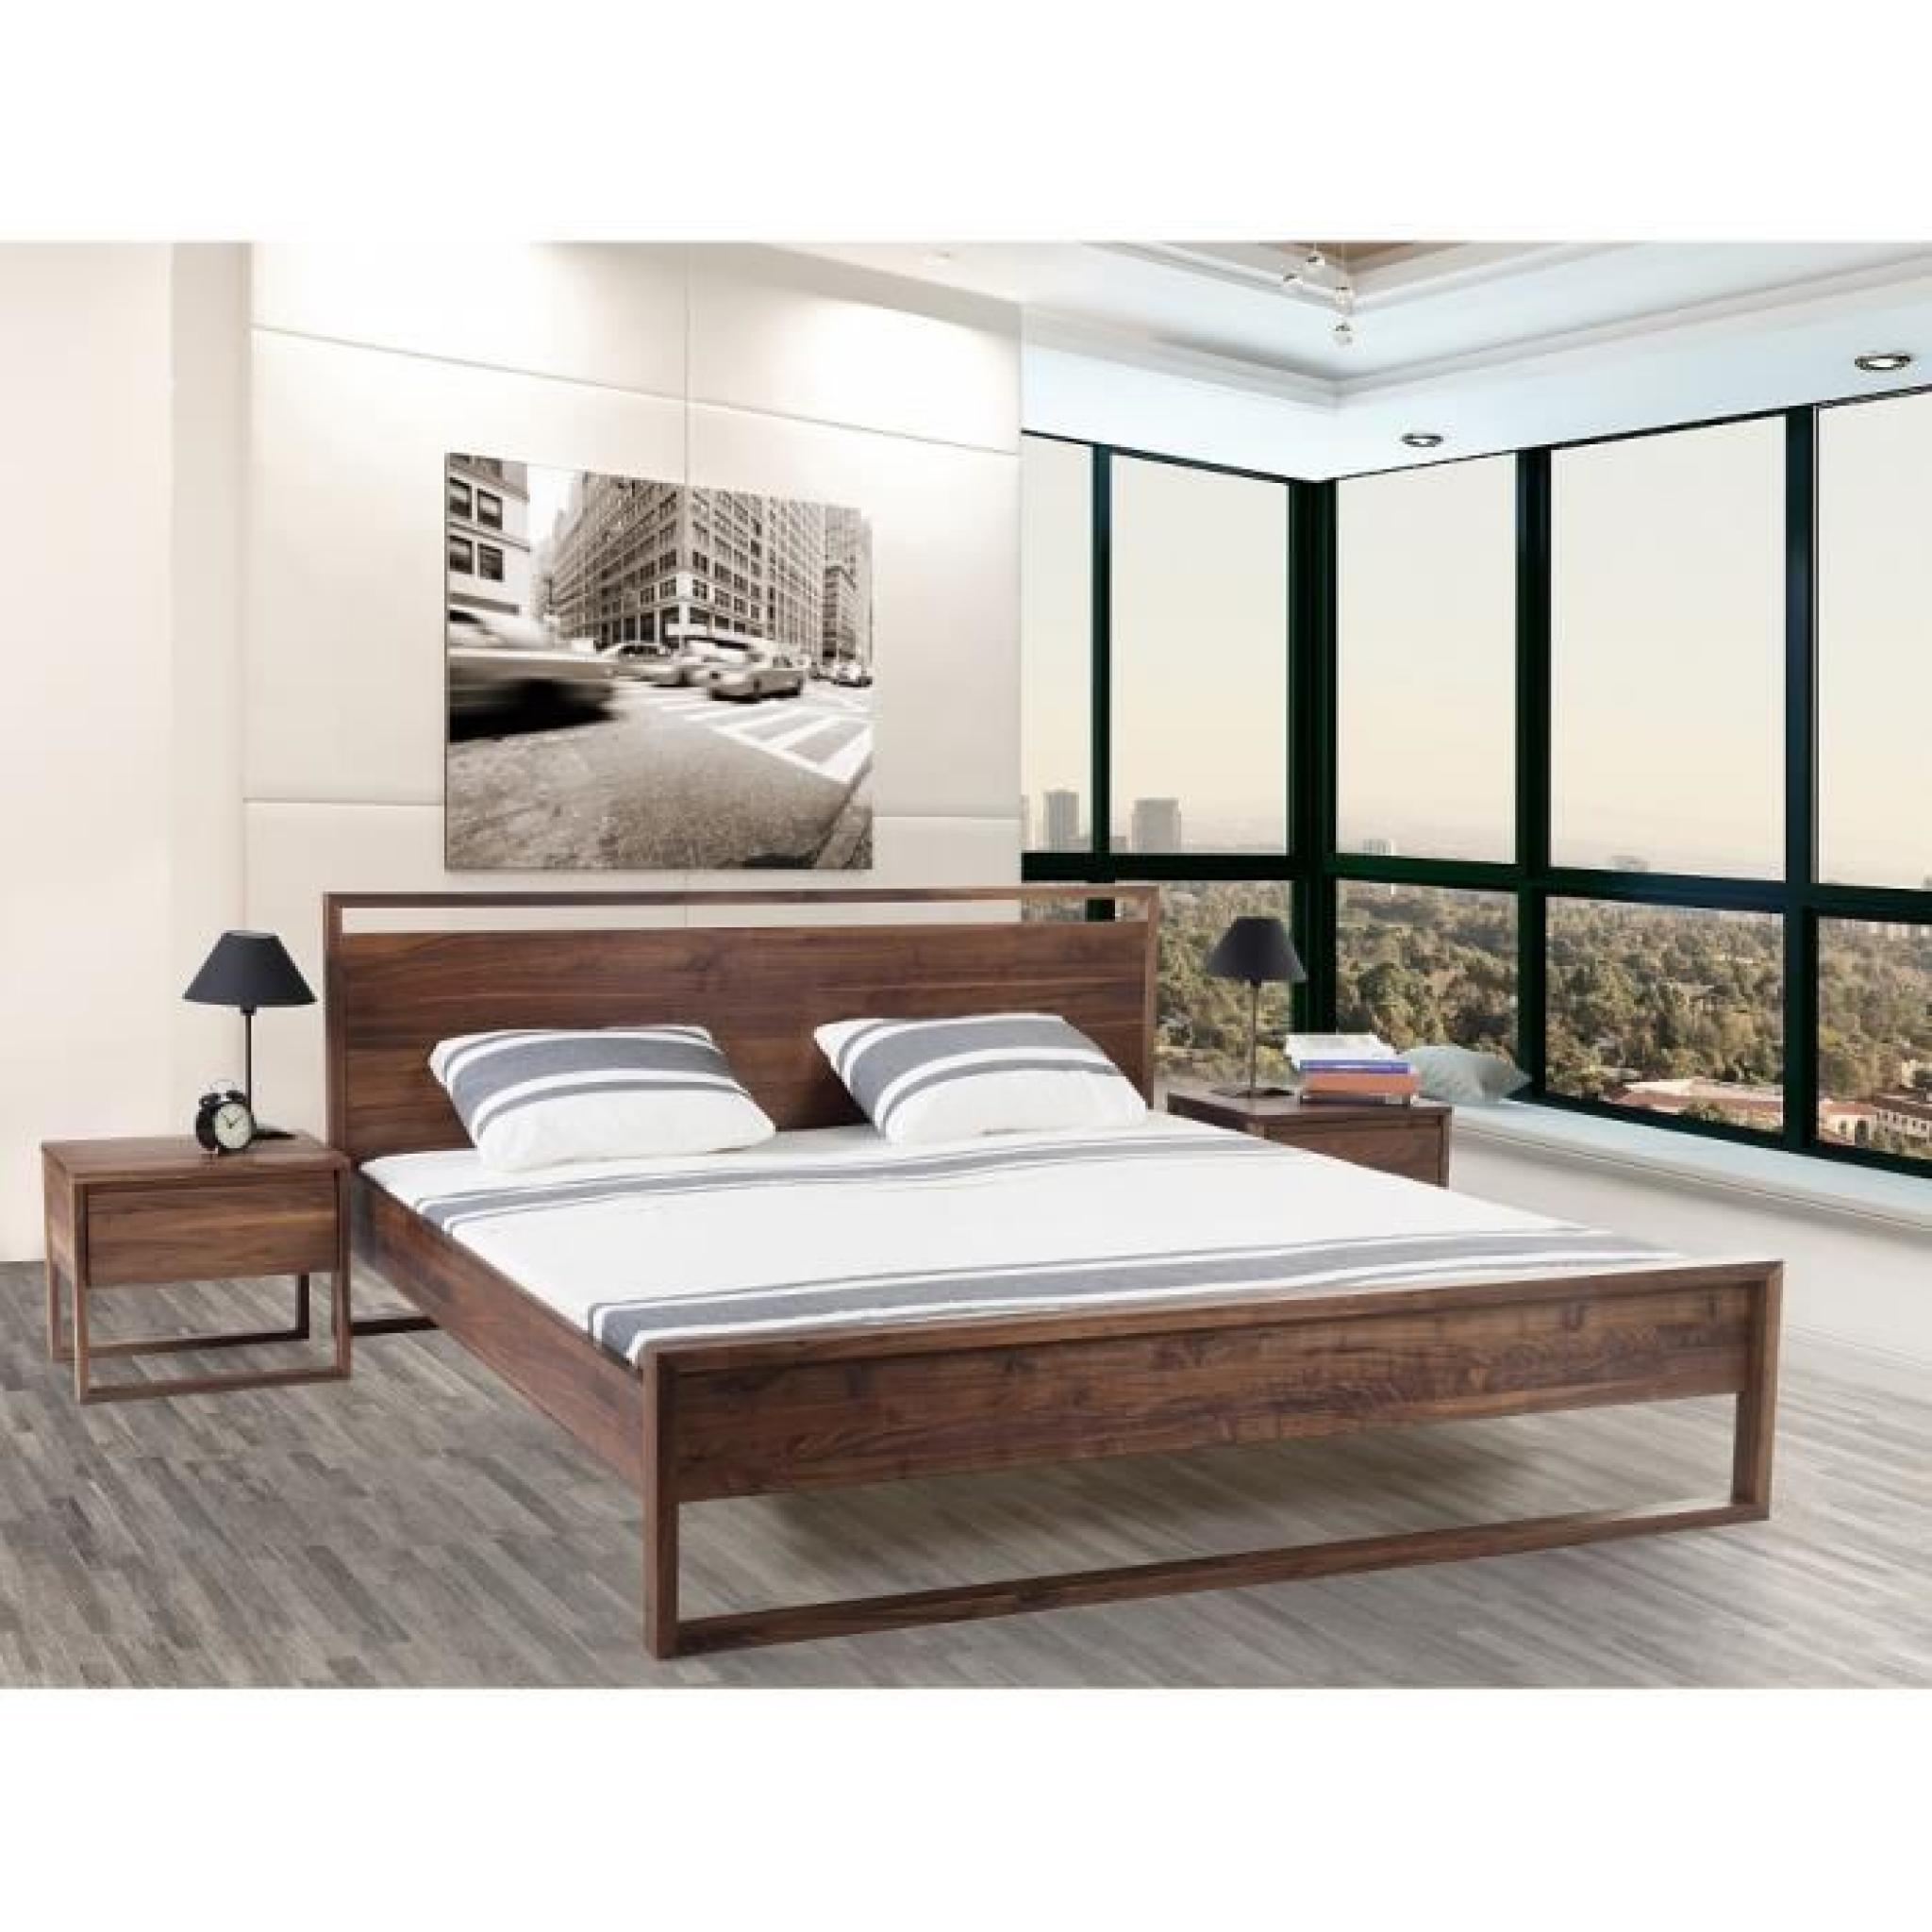 lit design en bois lit double 160x200 cm sommier inclus giulia achat vente lit pas cher. Black Bedroom Furniture Sets. Home Design Ideas